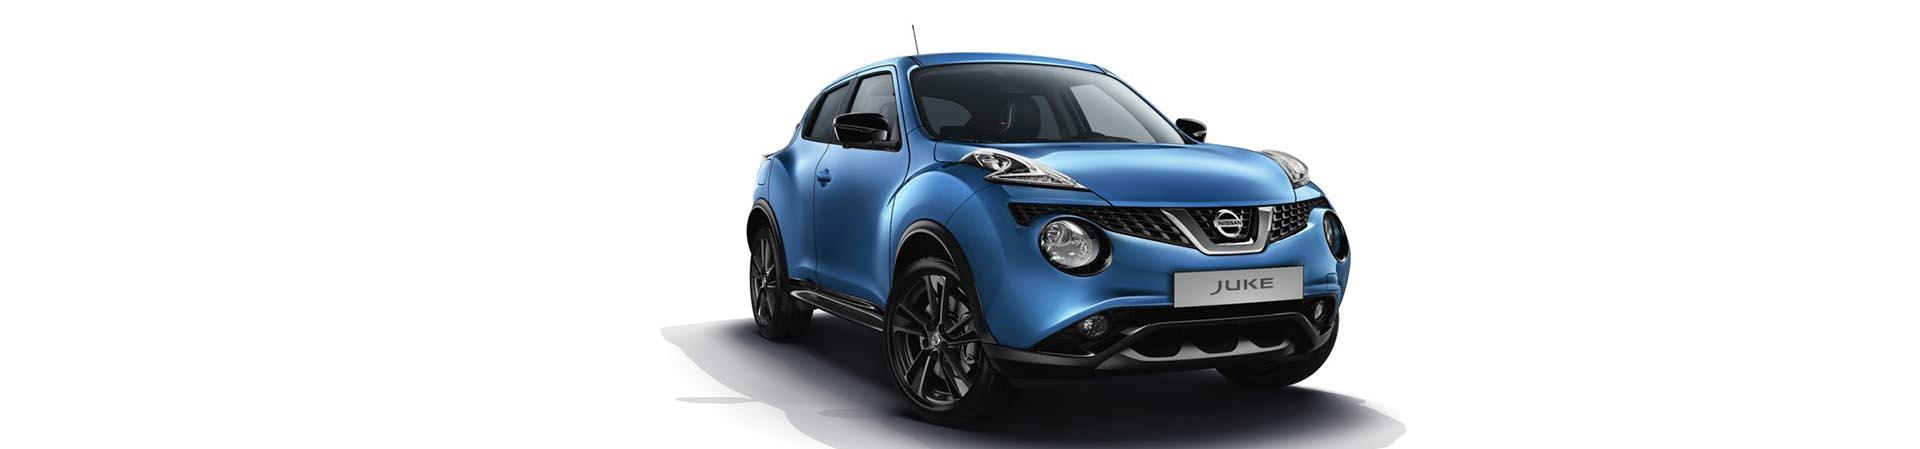 Nissan Juke Bose